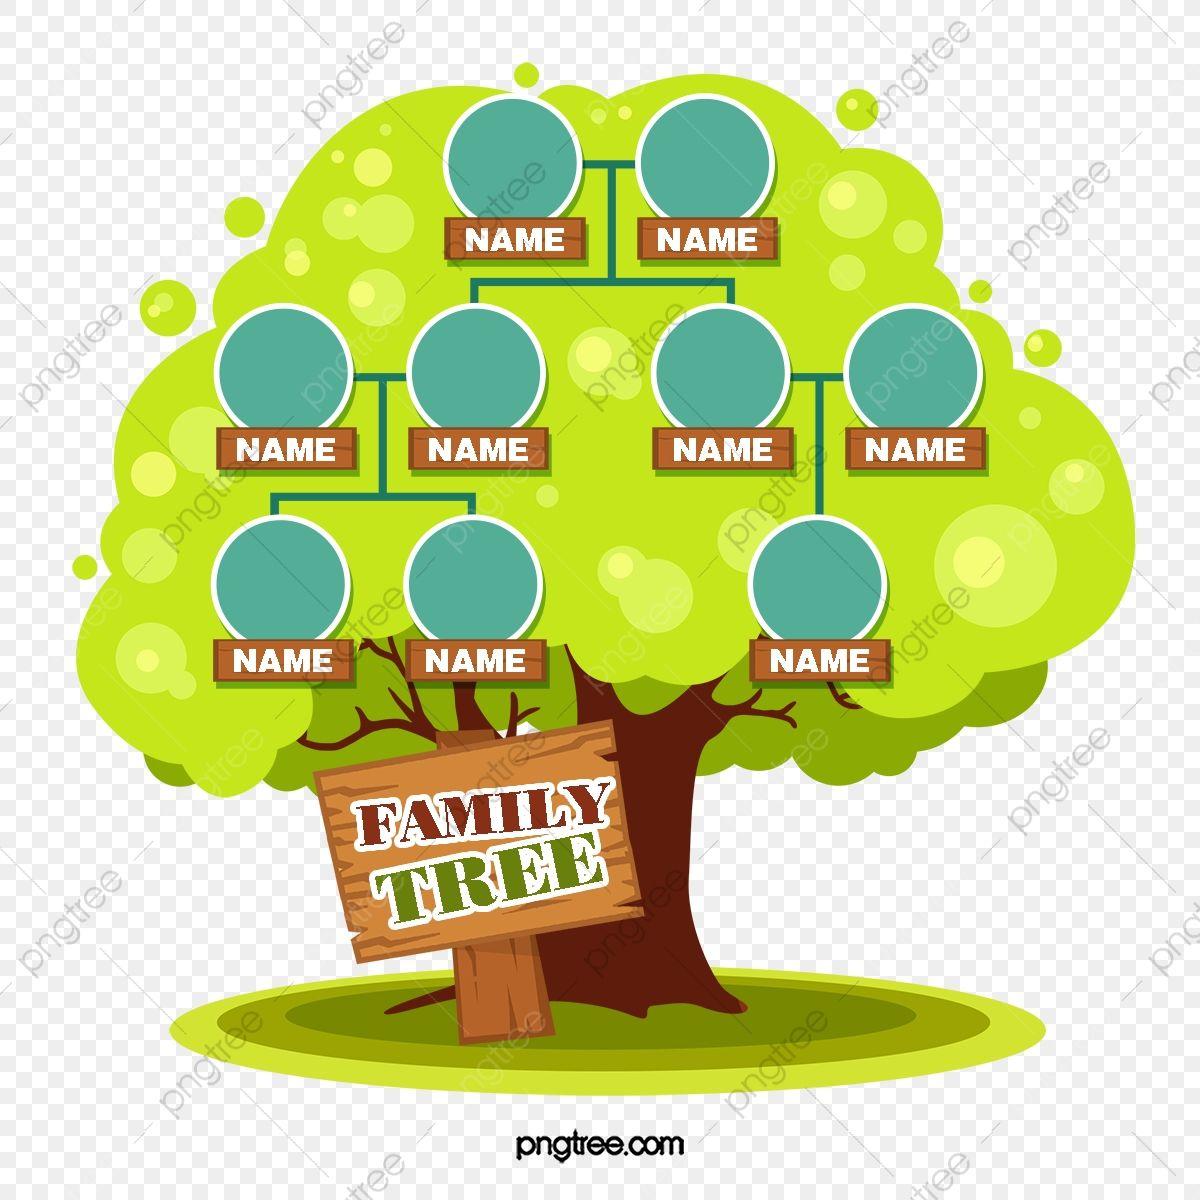 شجرة العائلة الكبيرة شجرة العائلة شجرة فاملي صلة Png وملف Psd للتحميل مجانا Family Tree Tree Big Tree